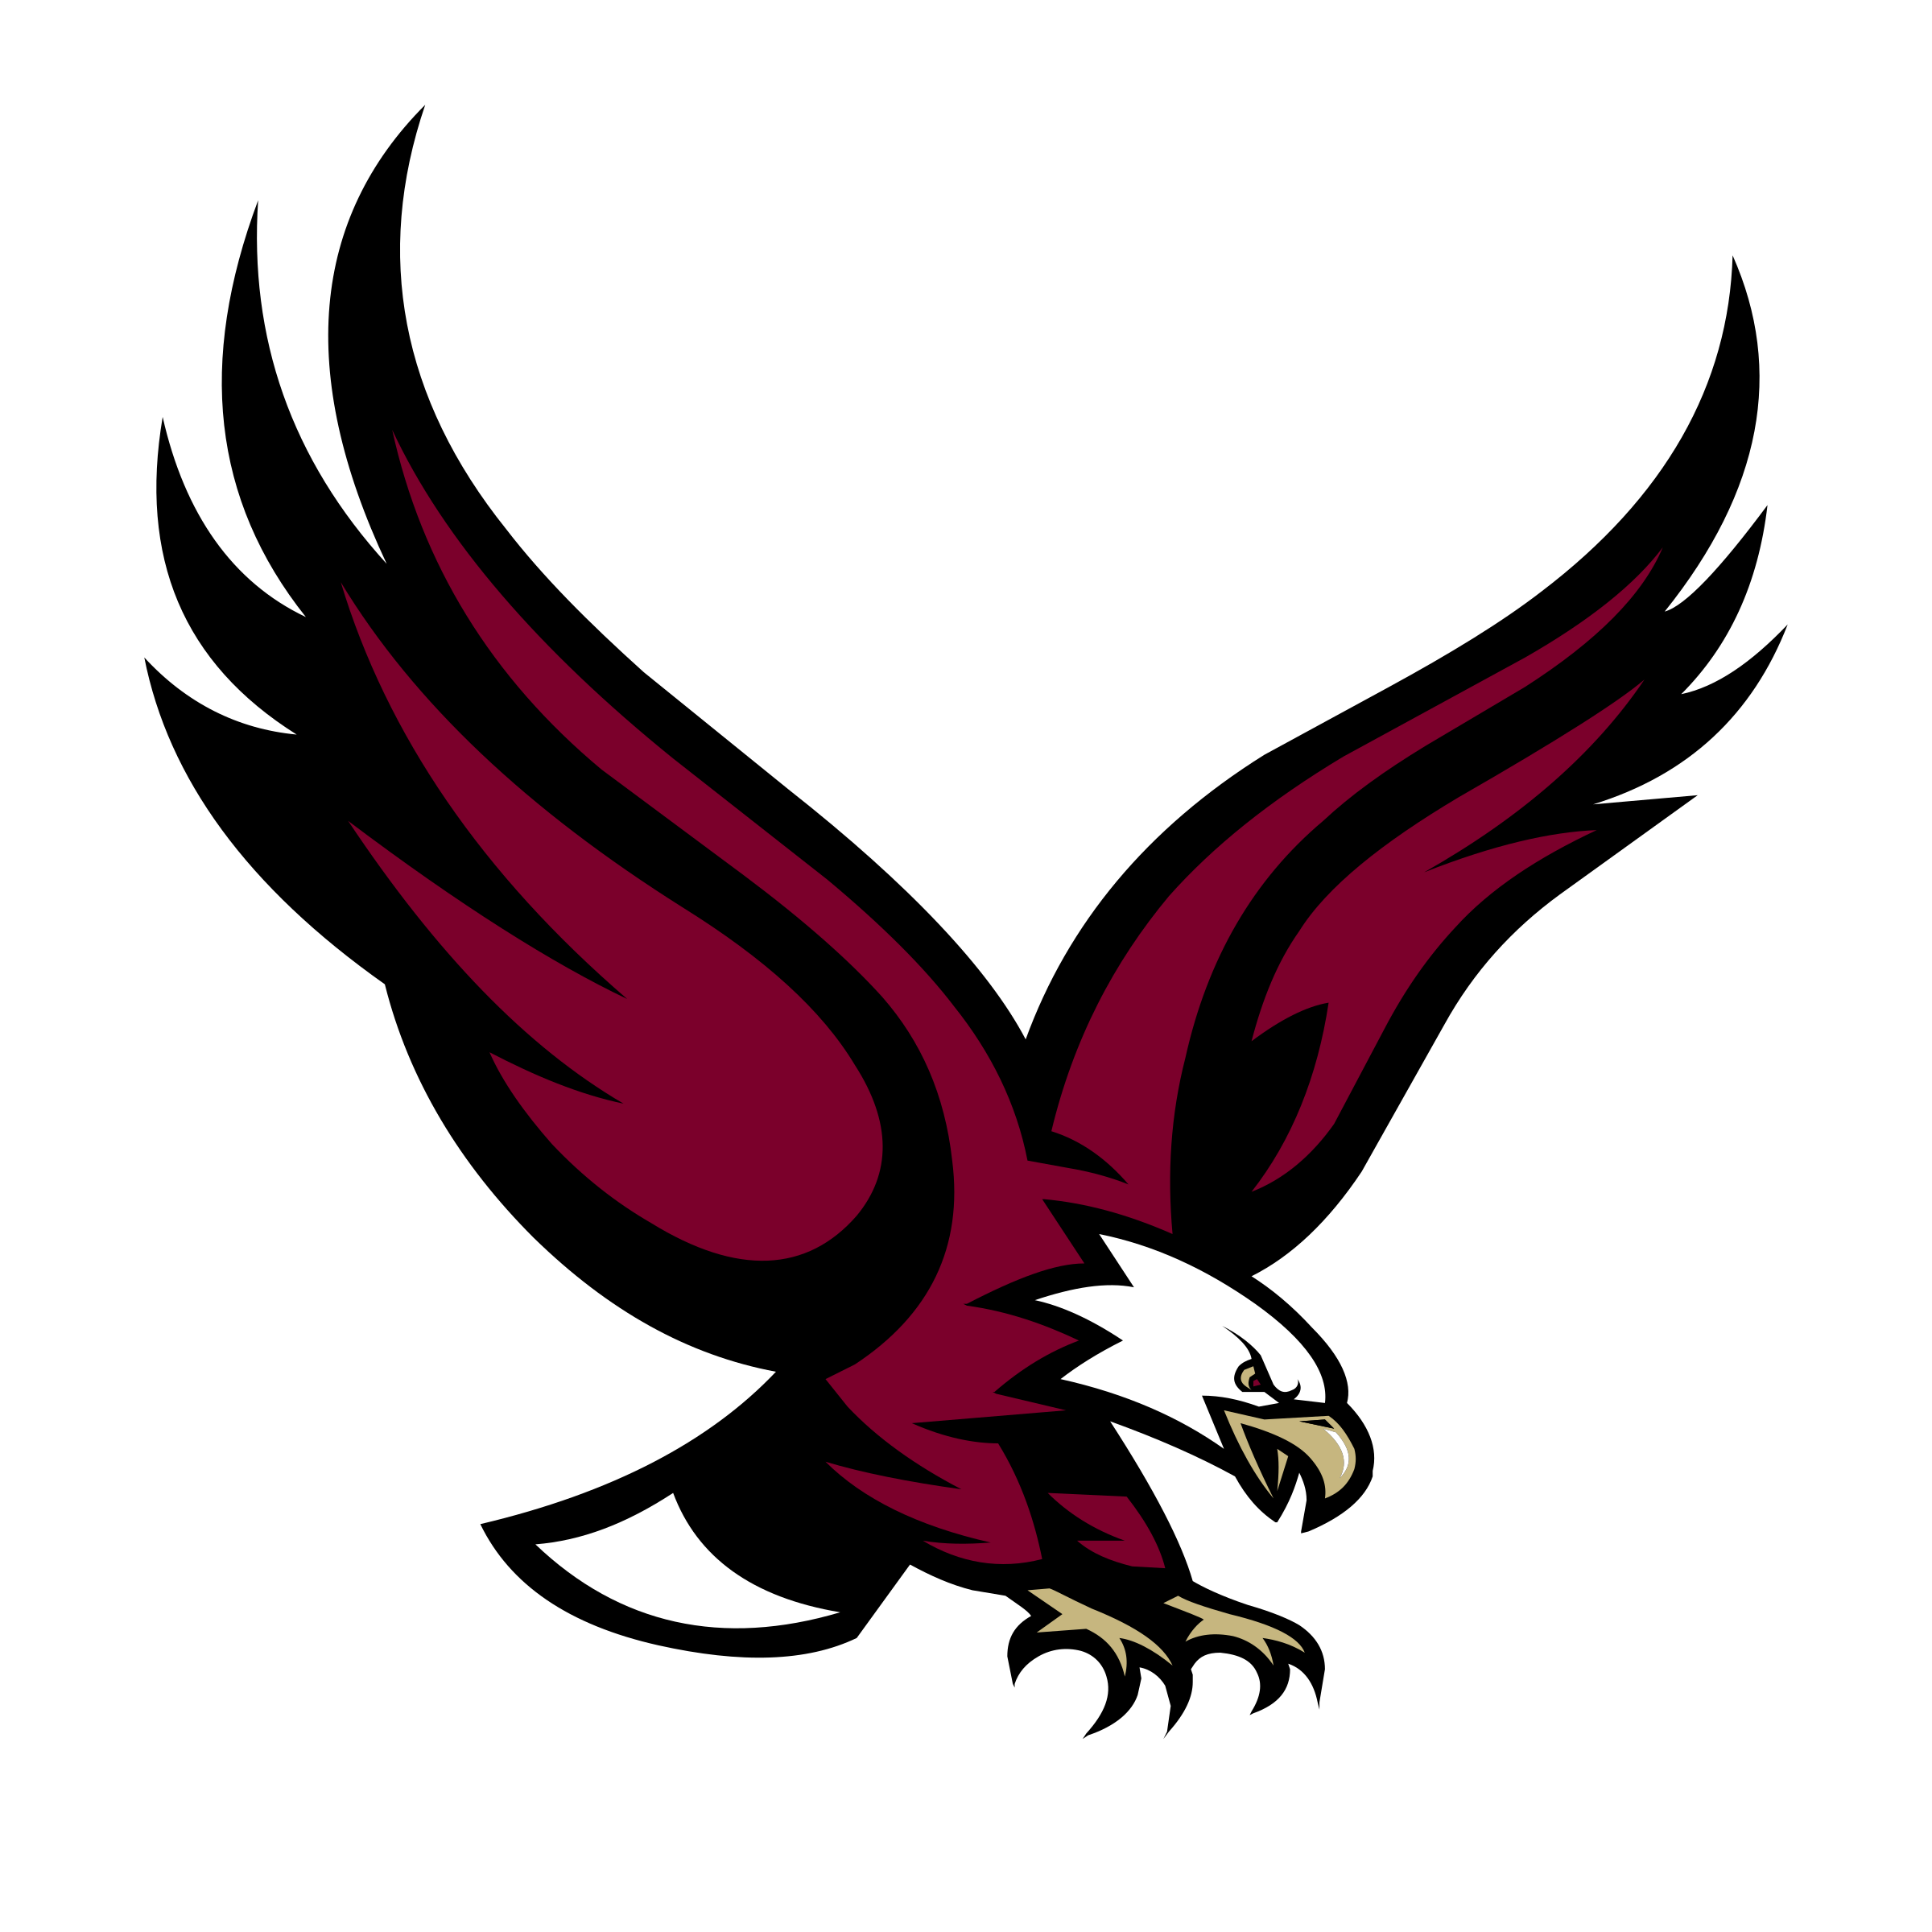 Eagle vector png, Eagle vector png Transparent FREE for ... - Eagle SVG